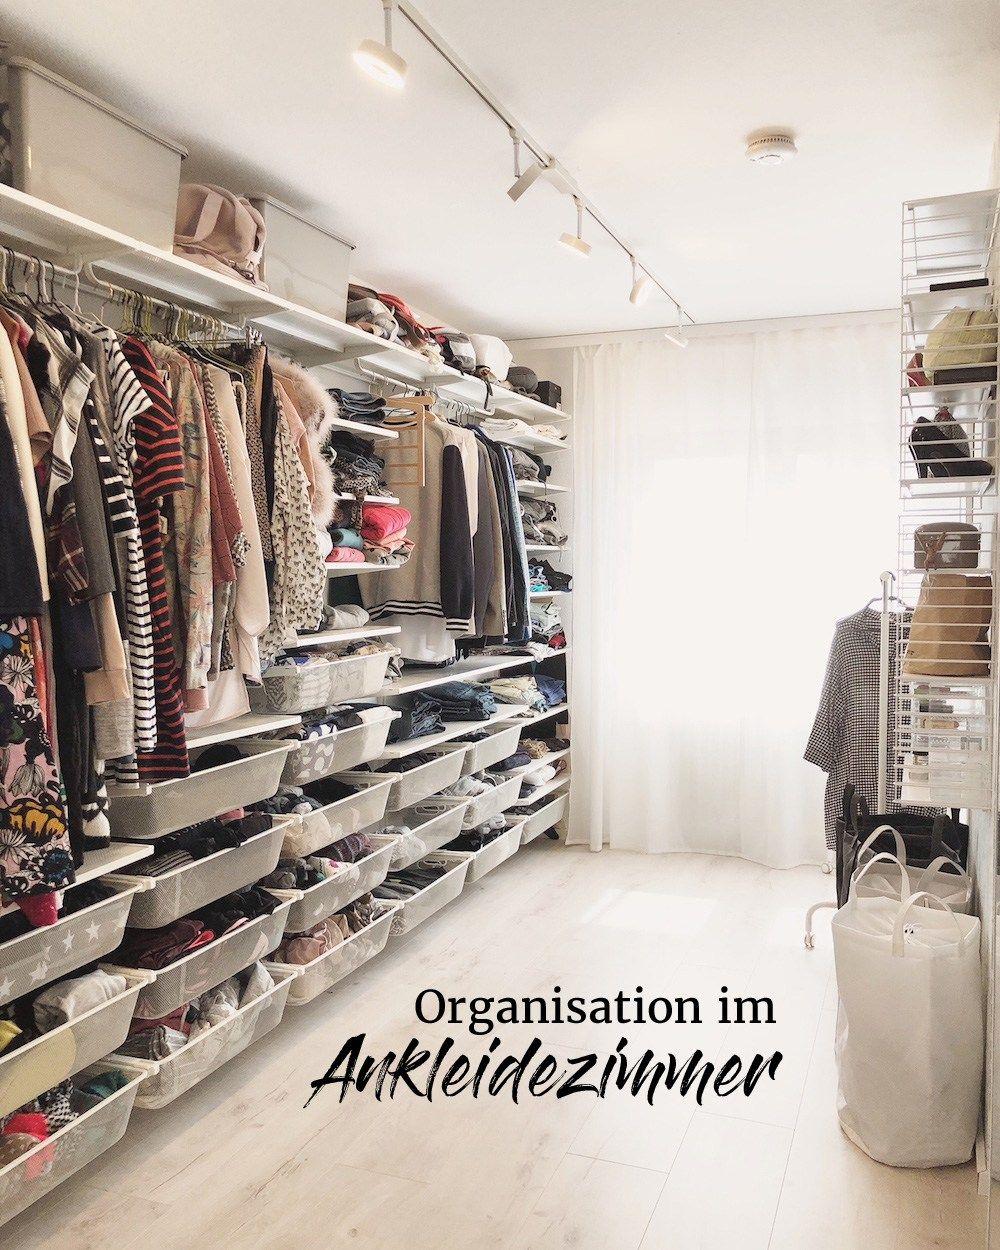 Organisation Im Ankleidezimmer Tipps Und Ideen Fur Den Begehbaren Kleiderschrank Offenes Regalsystem Mit Kleiderstangen Re Ankleidezimmer Ankleide Und Ankleide Zimmer